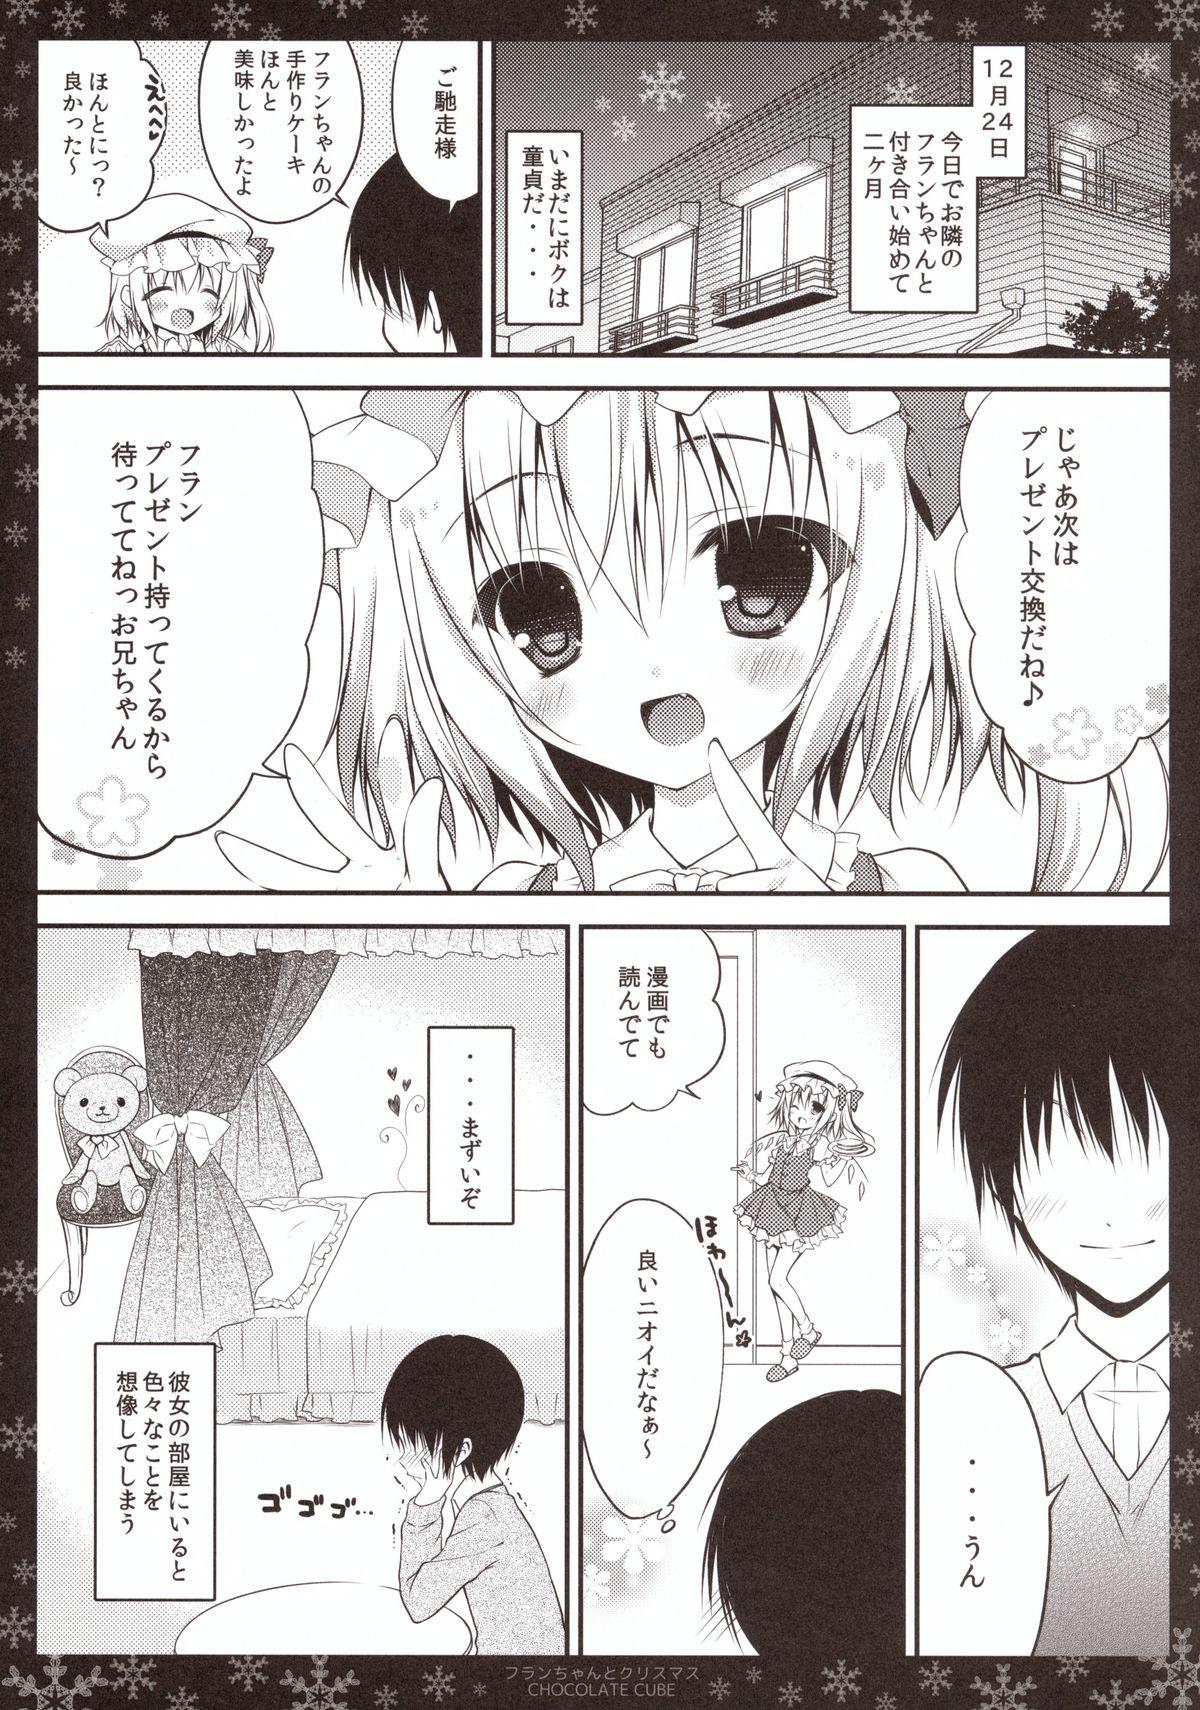 Flan-chan to Christmas 4